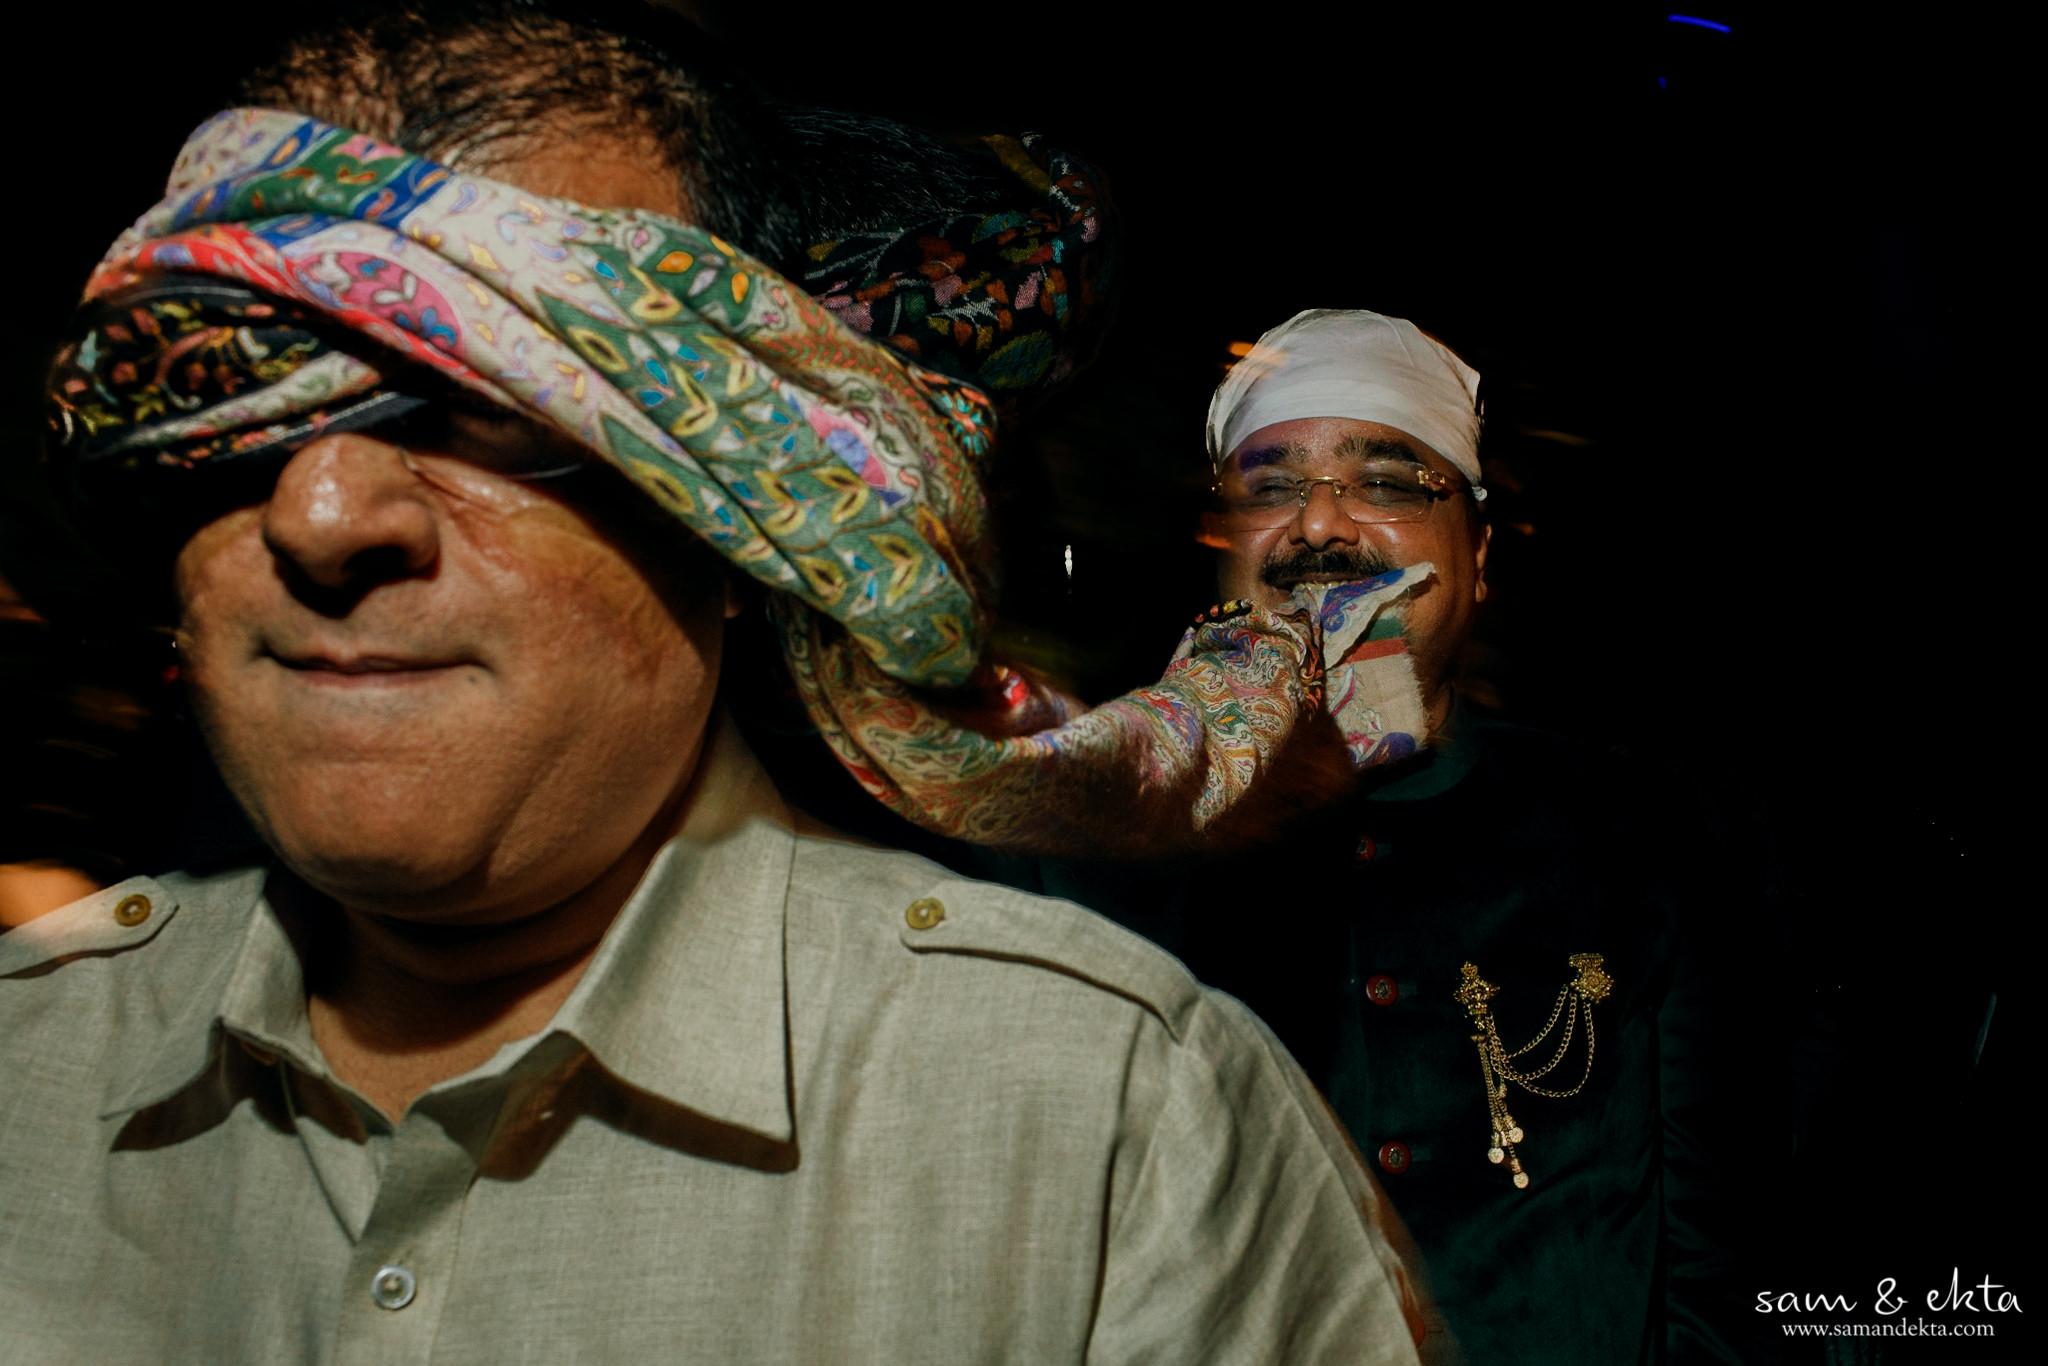 R&R_Marriott Jaipur_www.samandekta.com-36.jpg